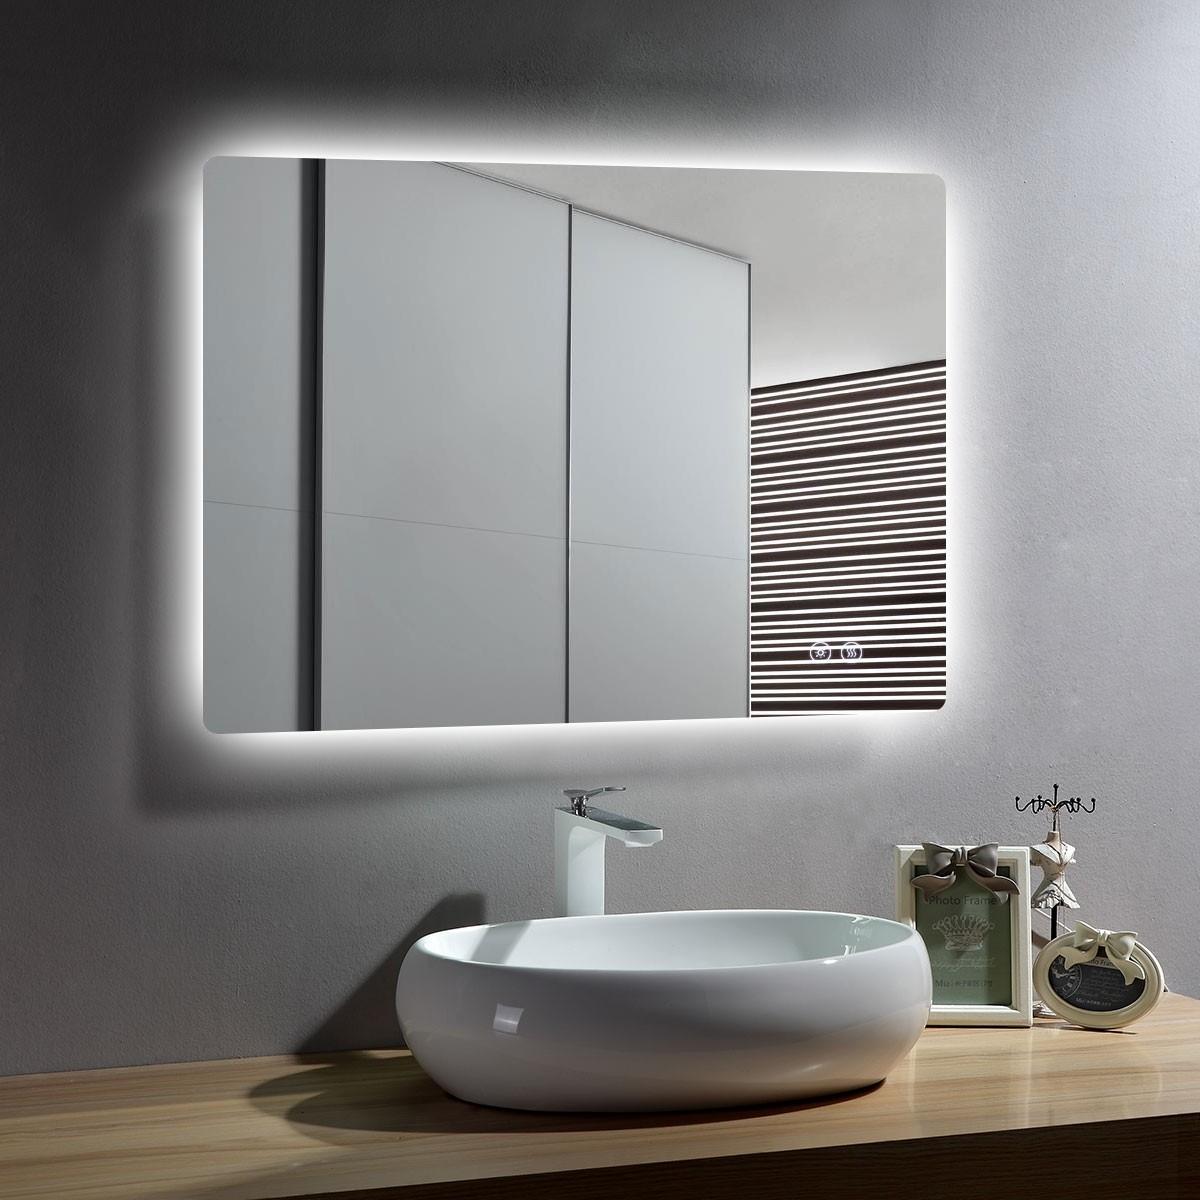 DECORAPORT 36 x 28 Po Miroir de Salle de Bain LED avec Bouton Tactile, Anti-Buée, Luminosité Réglable, Montage Vertical & Horizontal (D513-3628)